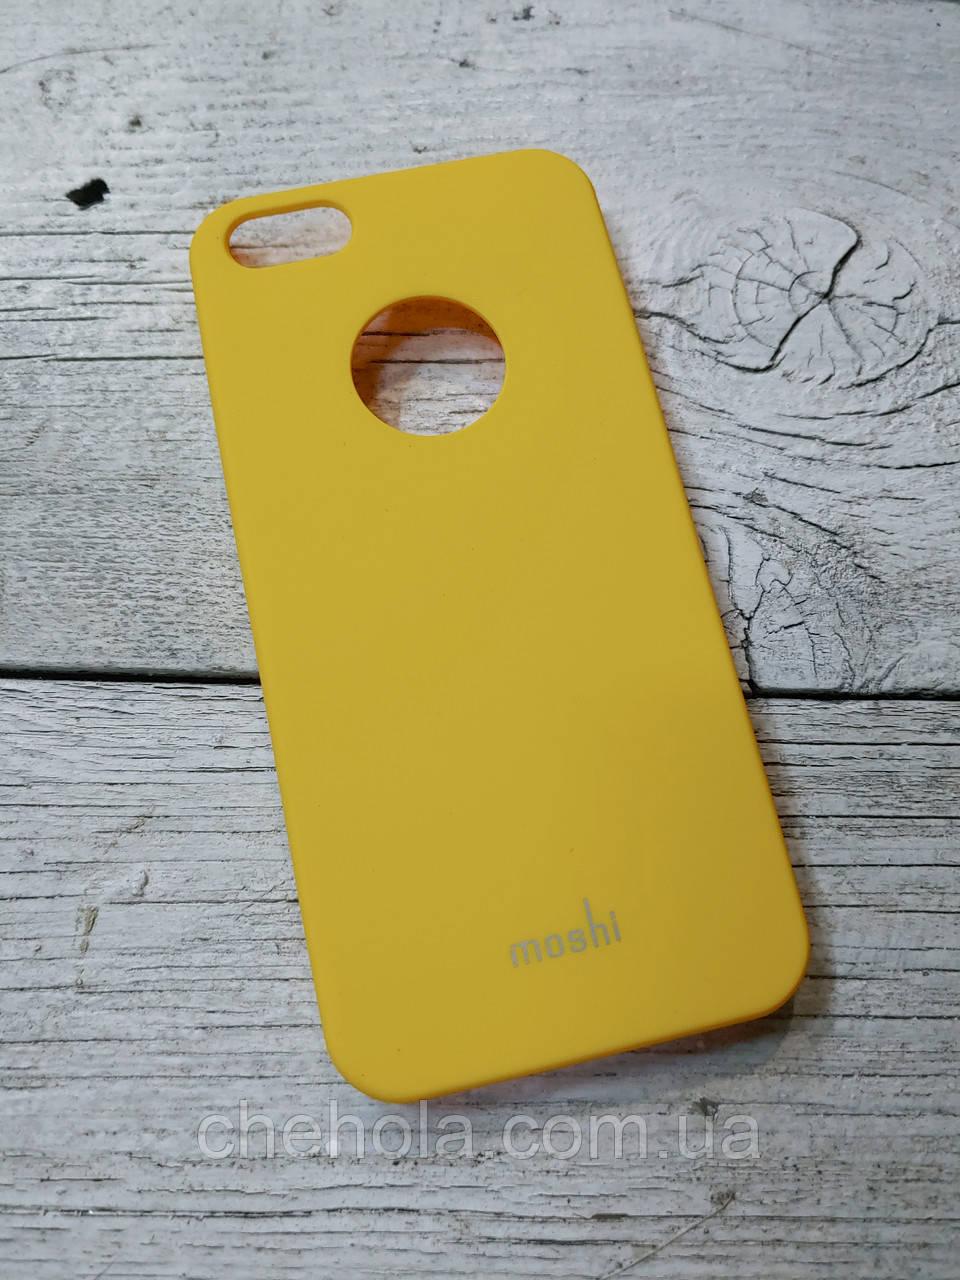 Прорезиненый Чехол для Iphone 5 5S SE Moshi Iglaze Желтый